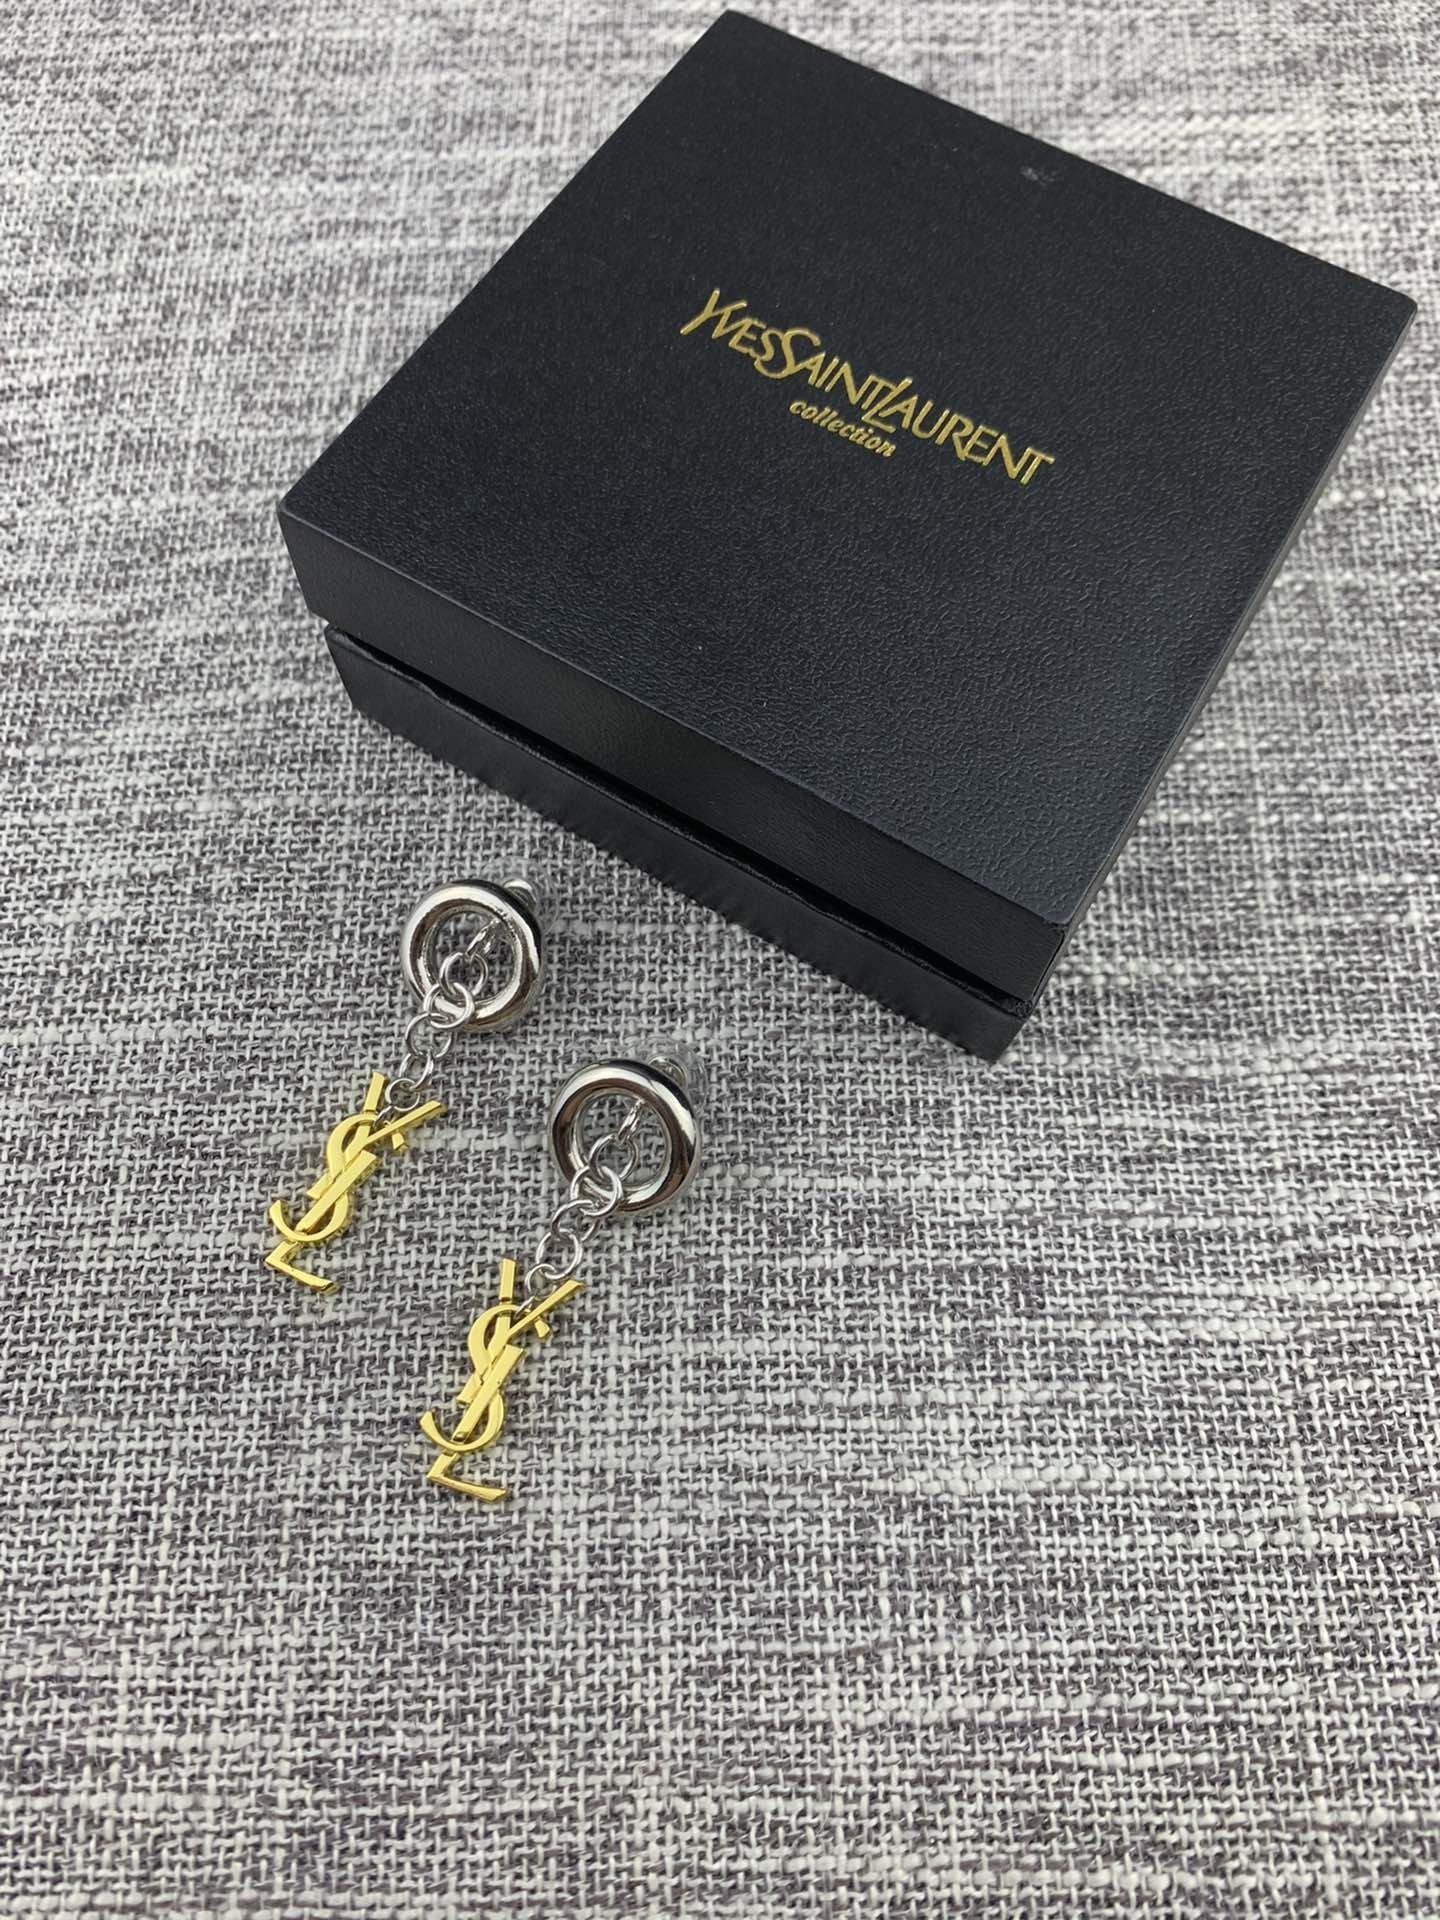 圣罗兰古铜金YSL耳环原装黄铜材质优